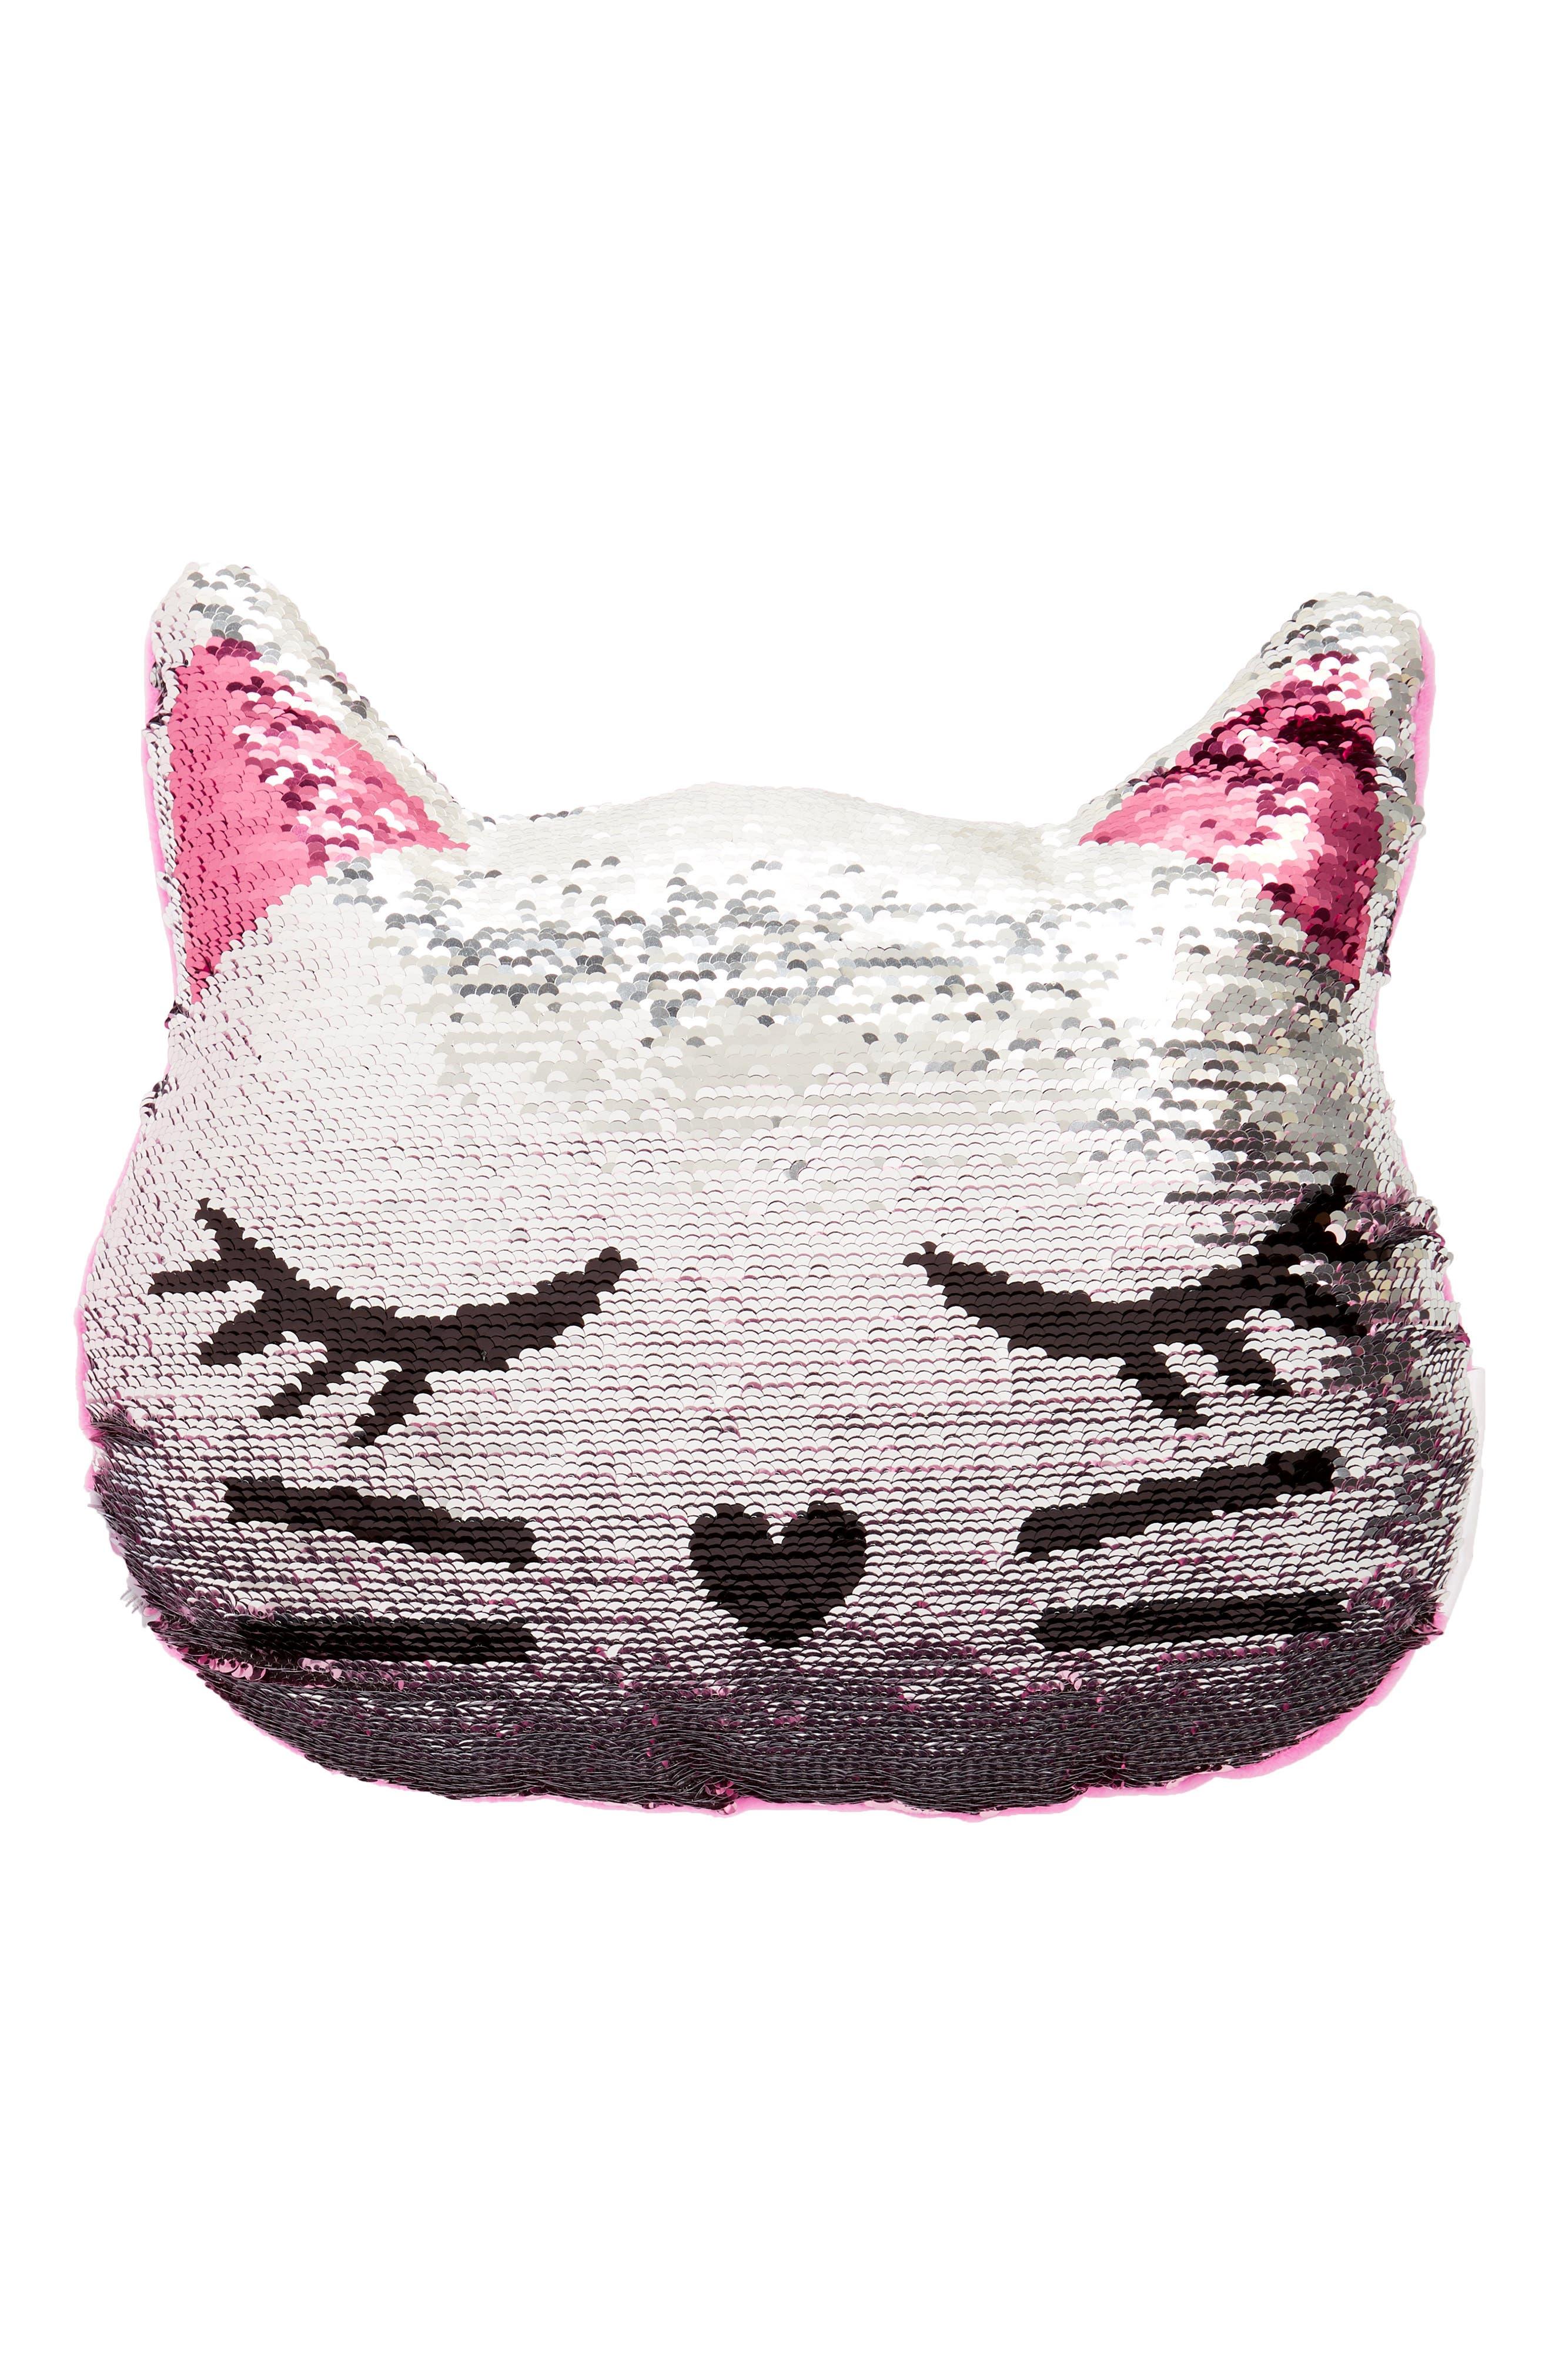 Reversible Sequin Cat Pillow,                             Alternate thumbnail 4, color,